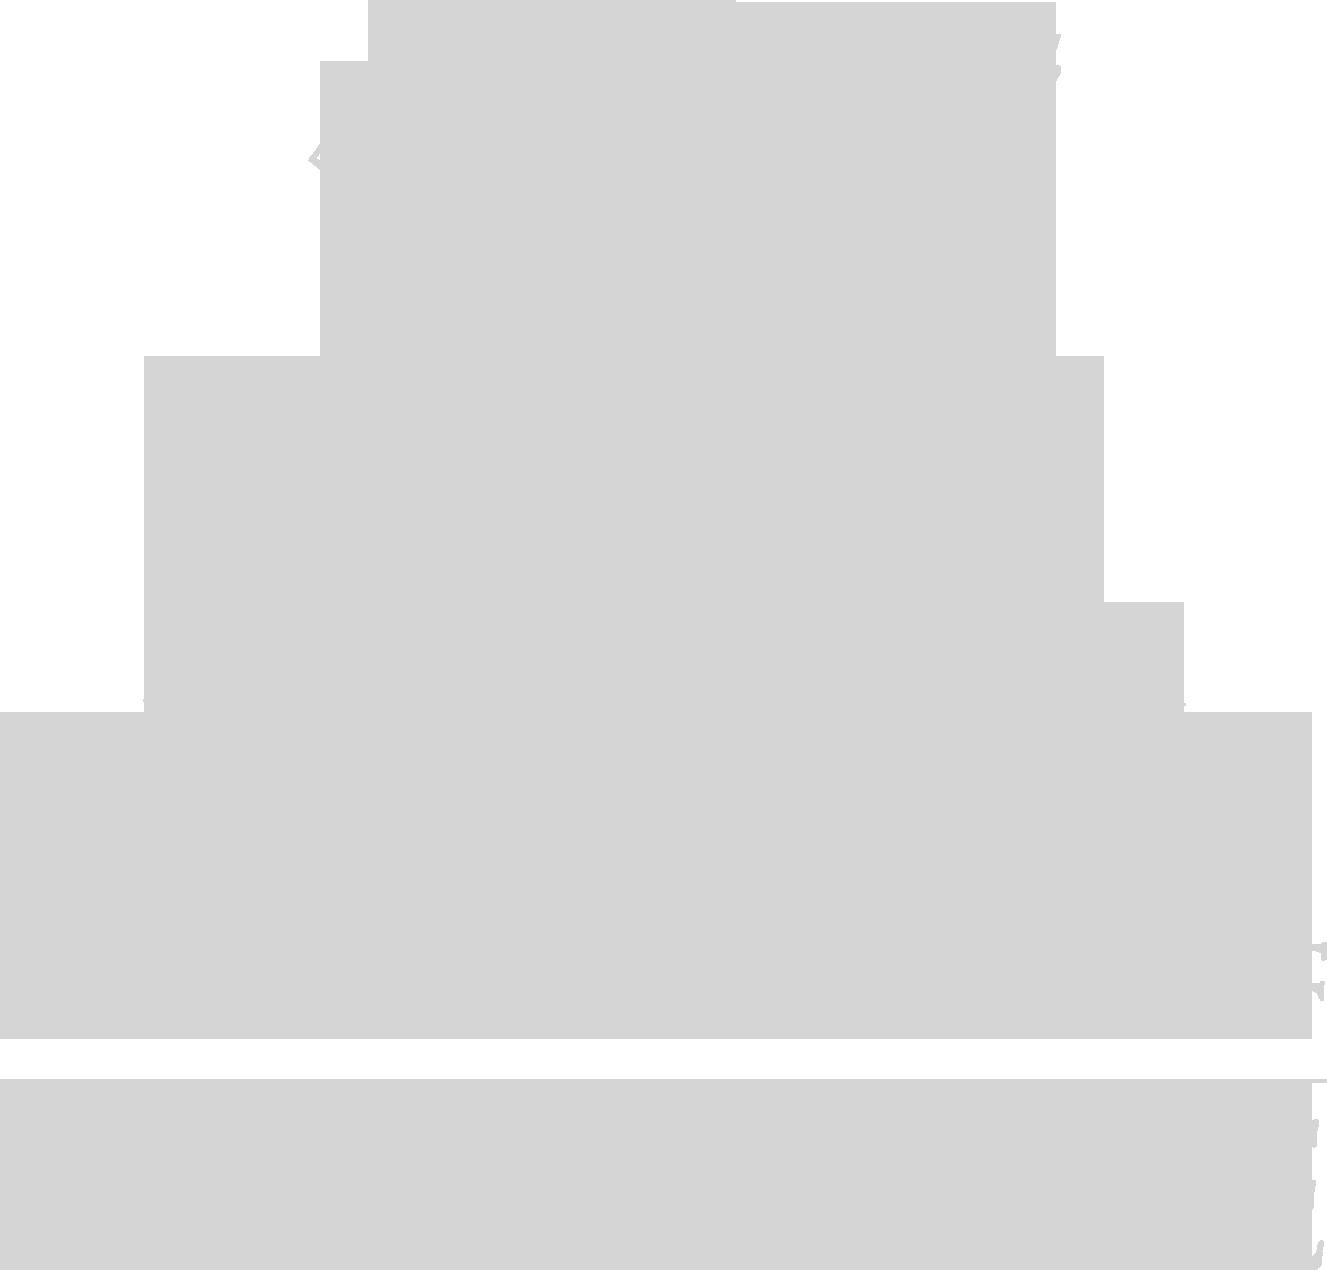 private logo image